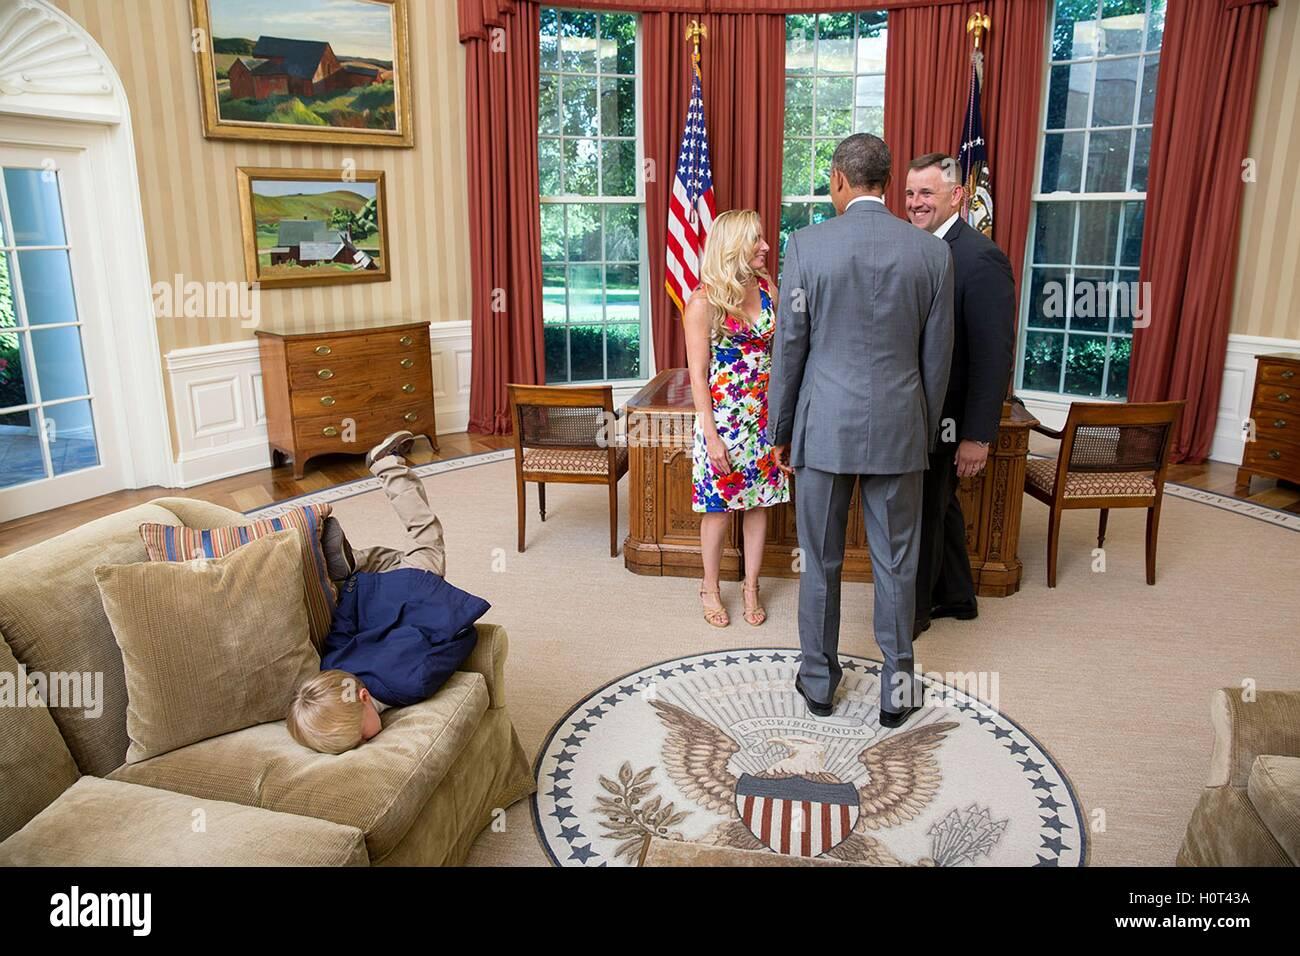 oval office carpet eagle. u.s. president barack obama visits with a departing secret service agent and his family in oval office carpet eagle